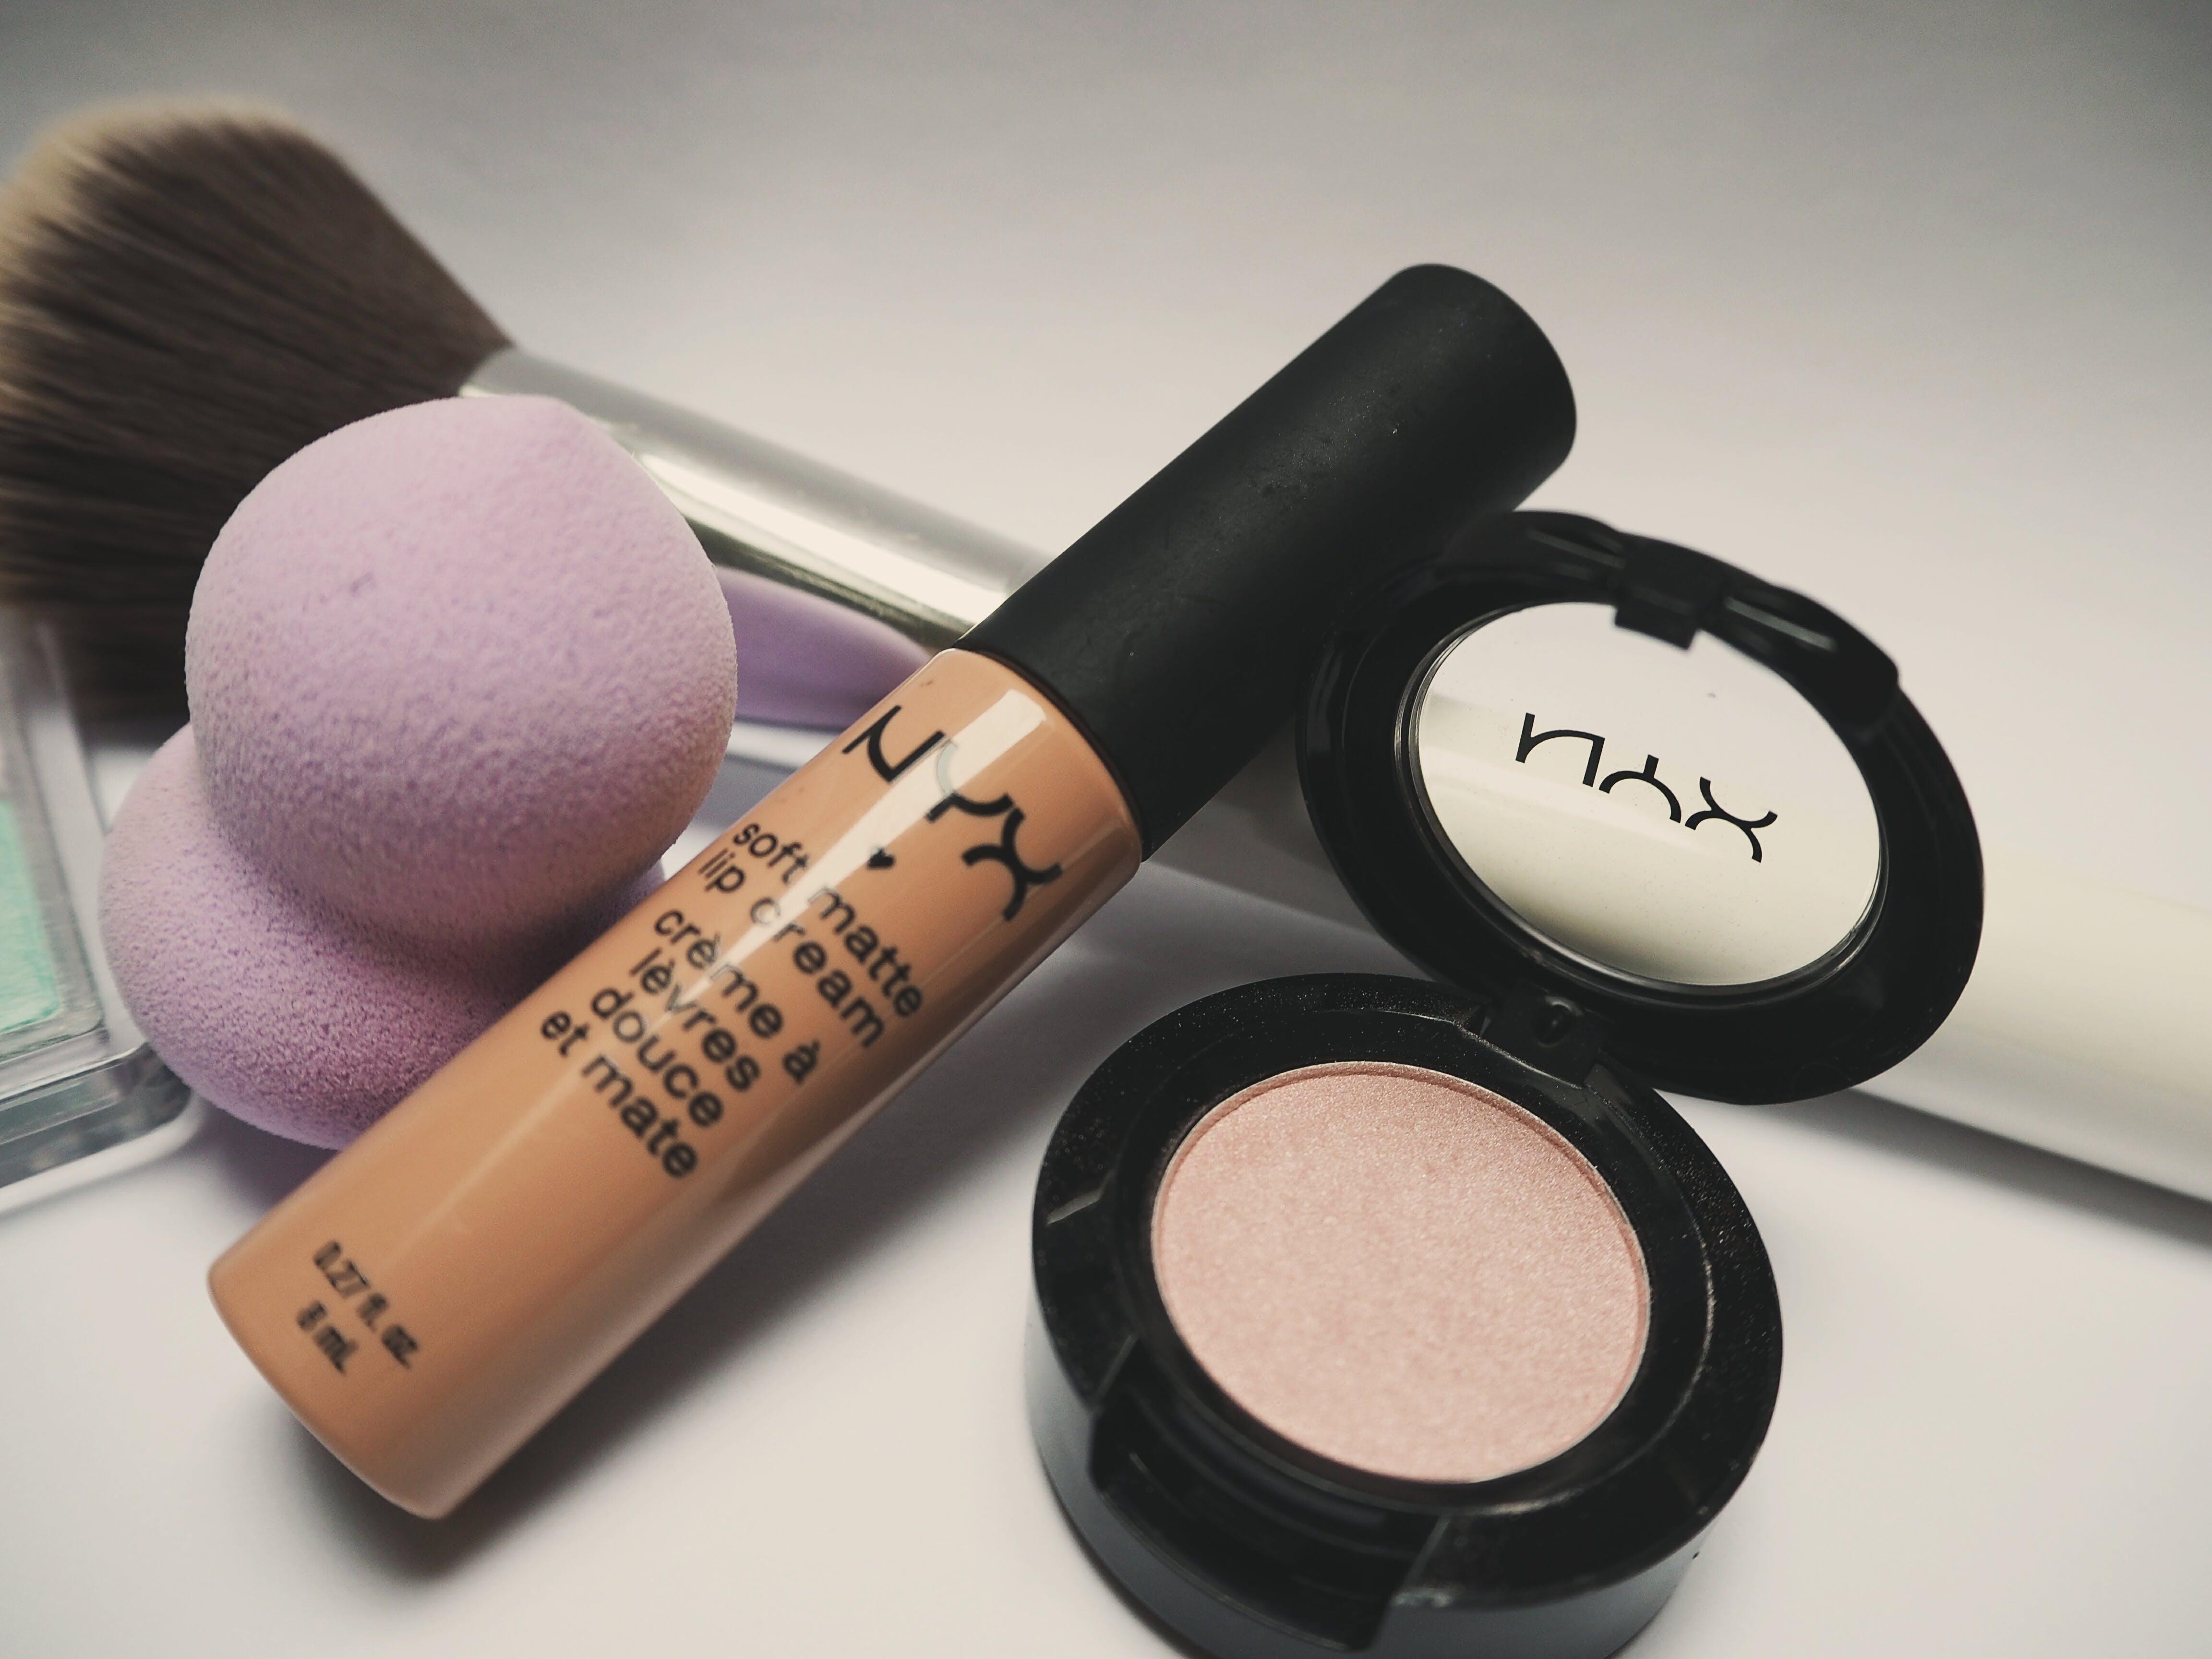 Free stock photo of eye makeup, eyeshadow, lipstick tube, liptick